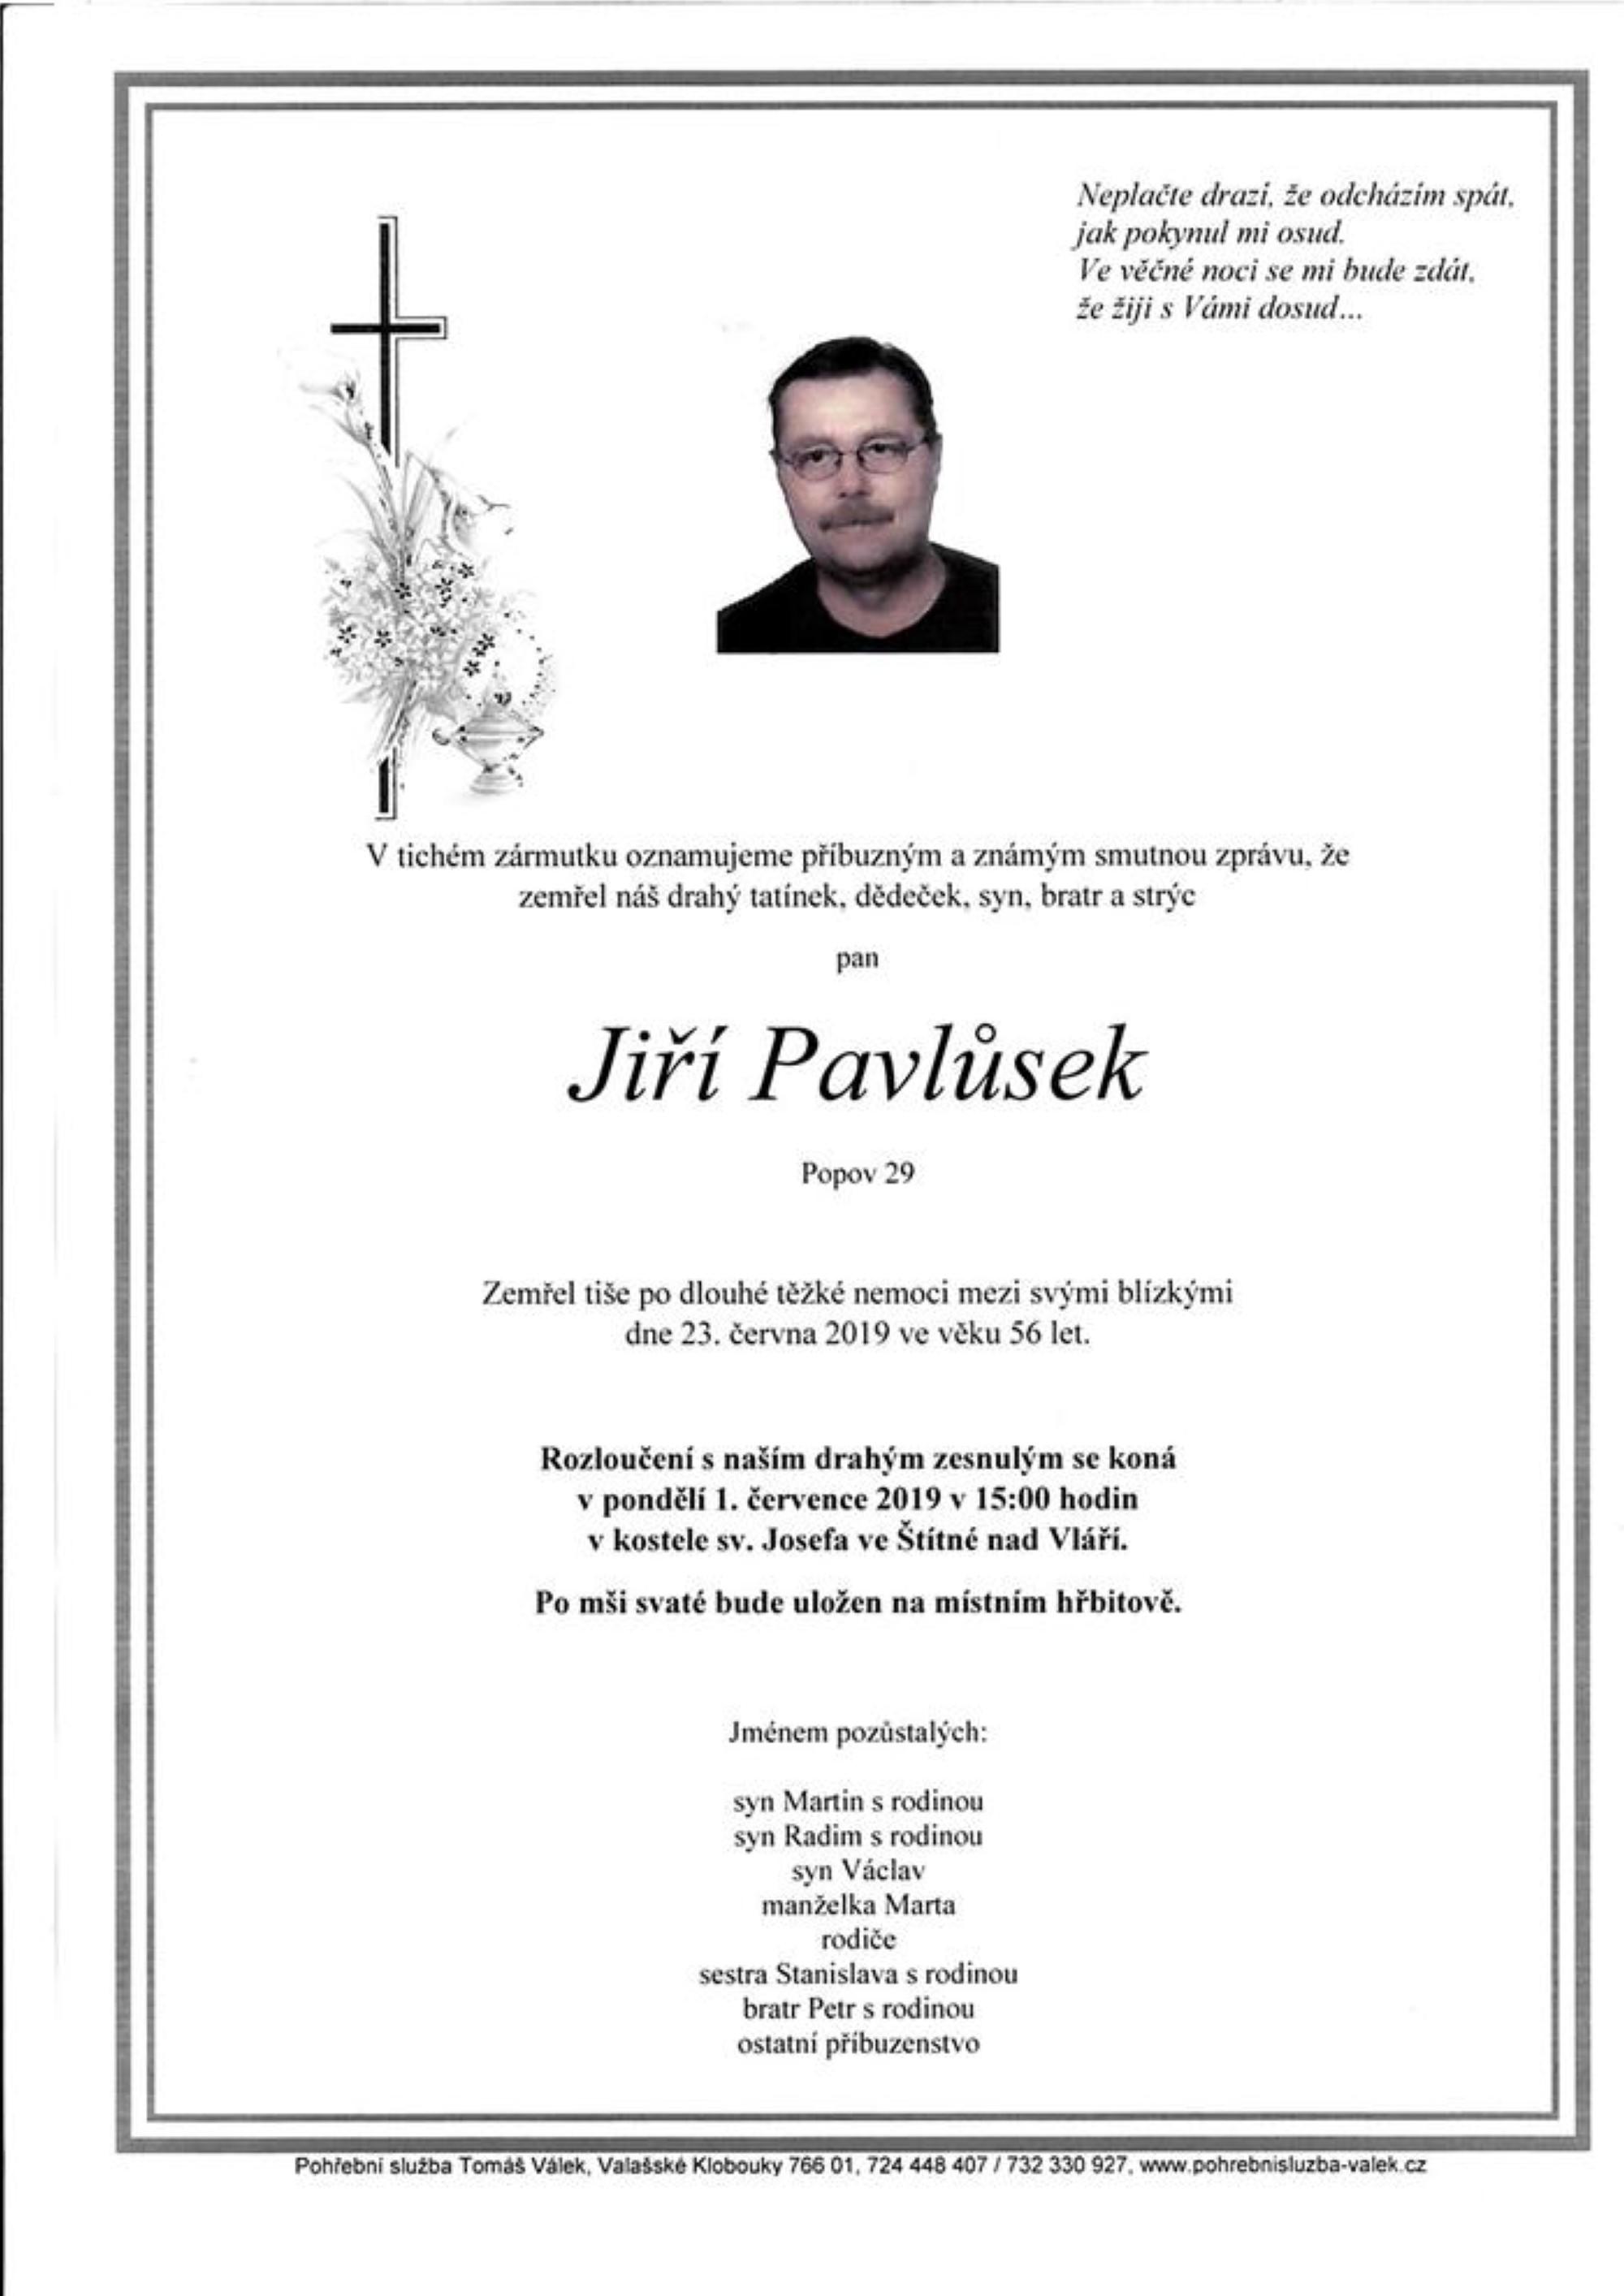 Jiří Pavlůsek